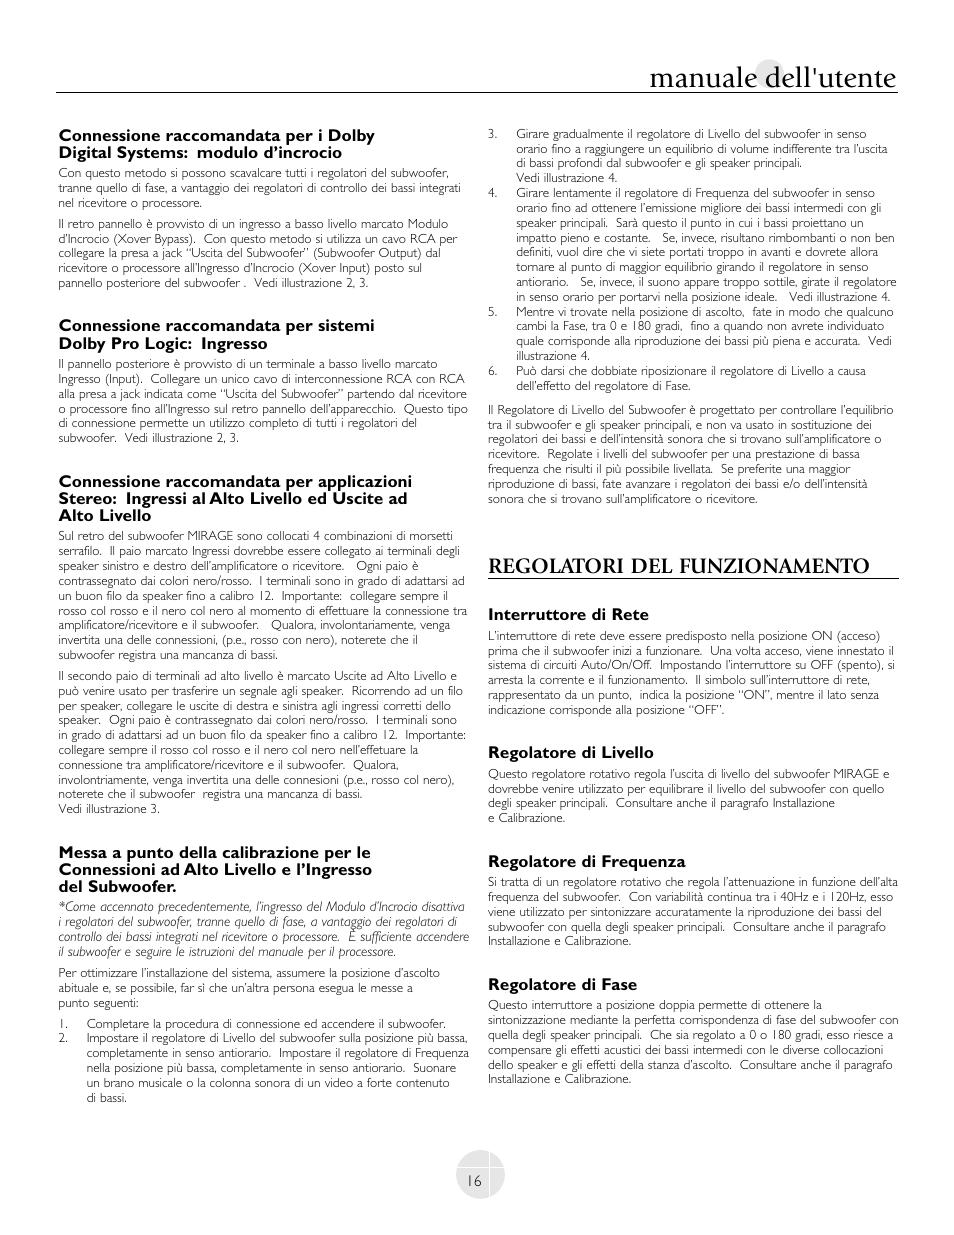 manuale dell utente regolatori del funzionamento mirage rh manualsdir com